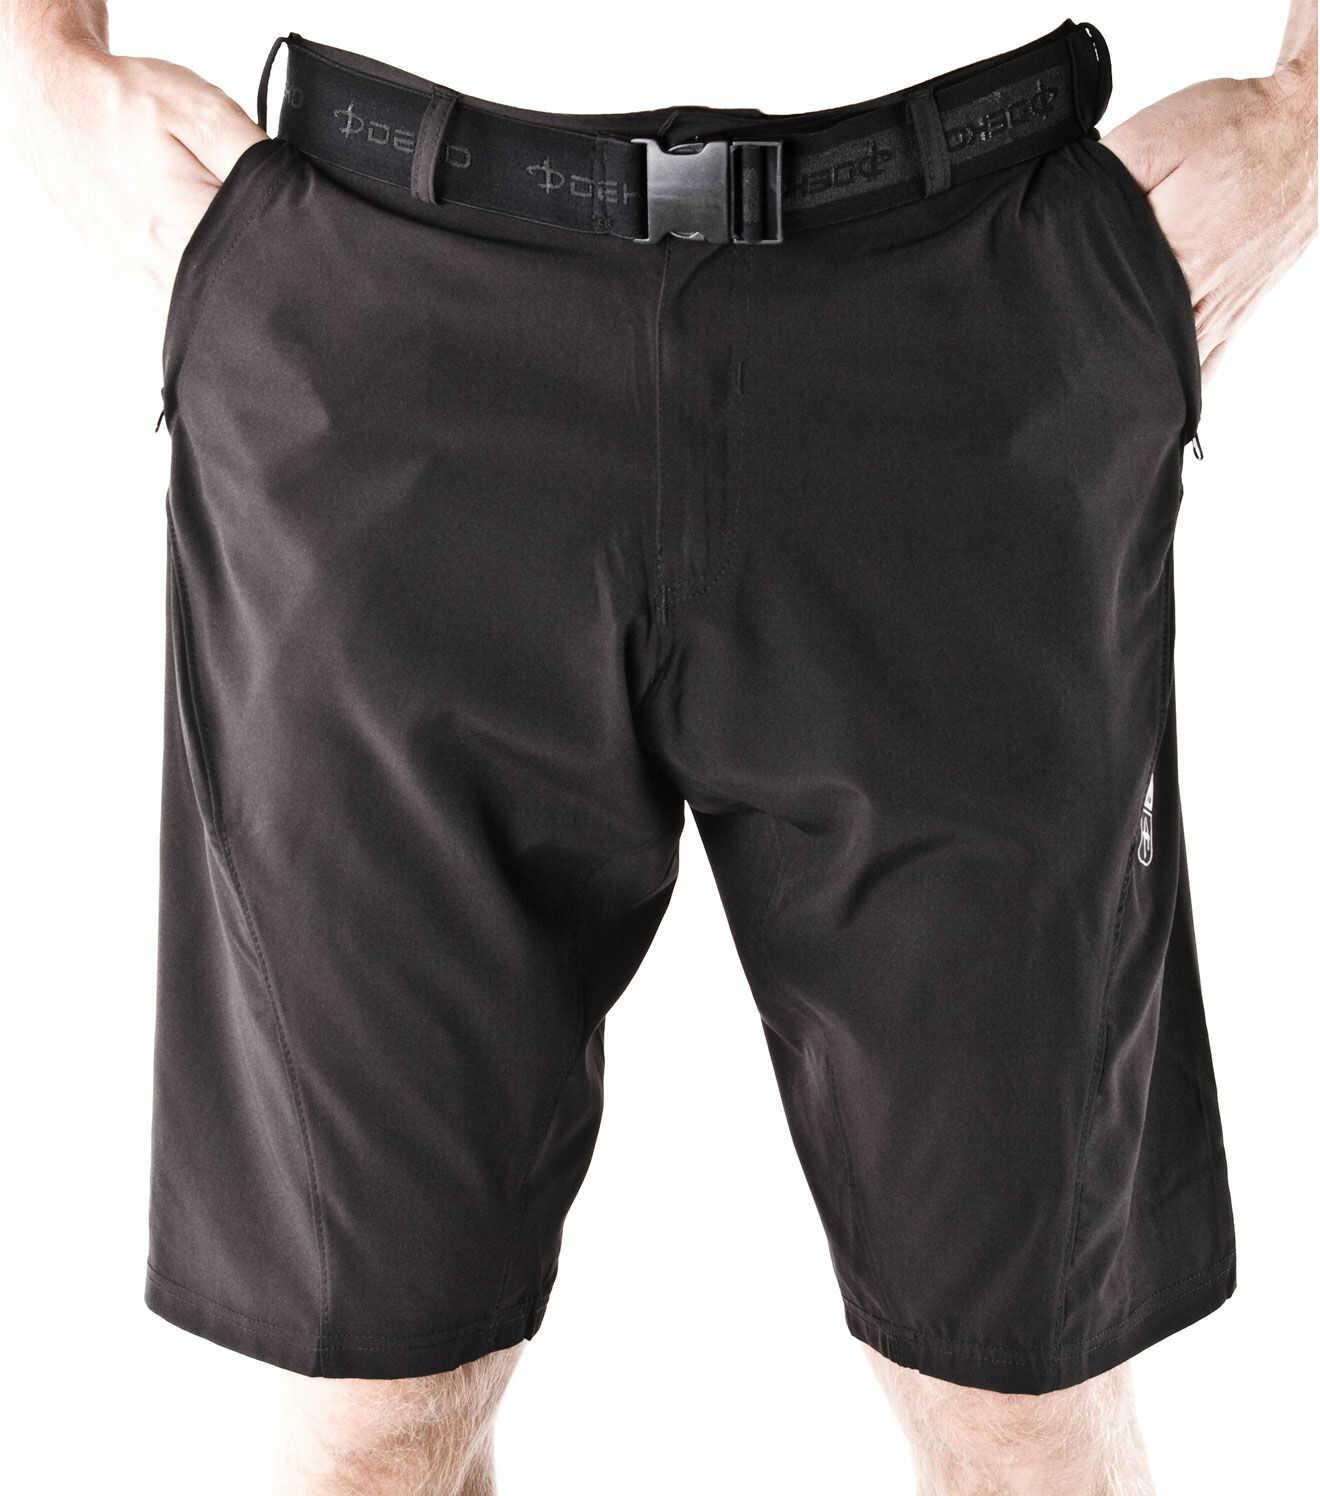 DEKO V1 luźne szorty rowerowe MTB/XC, czarne Rozmiar: M,deko-v1-mtb